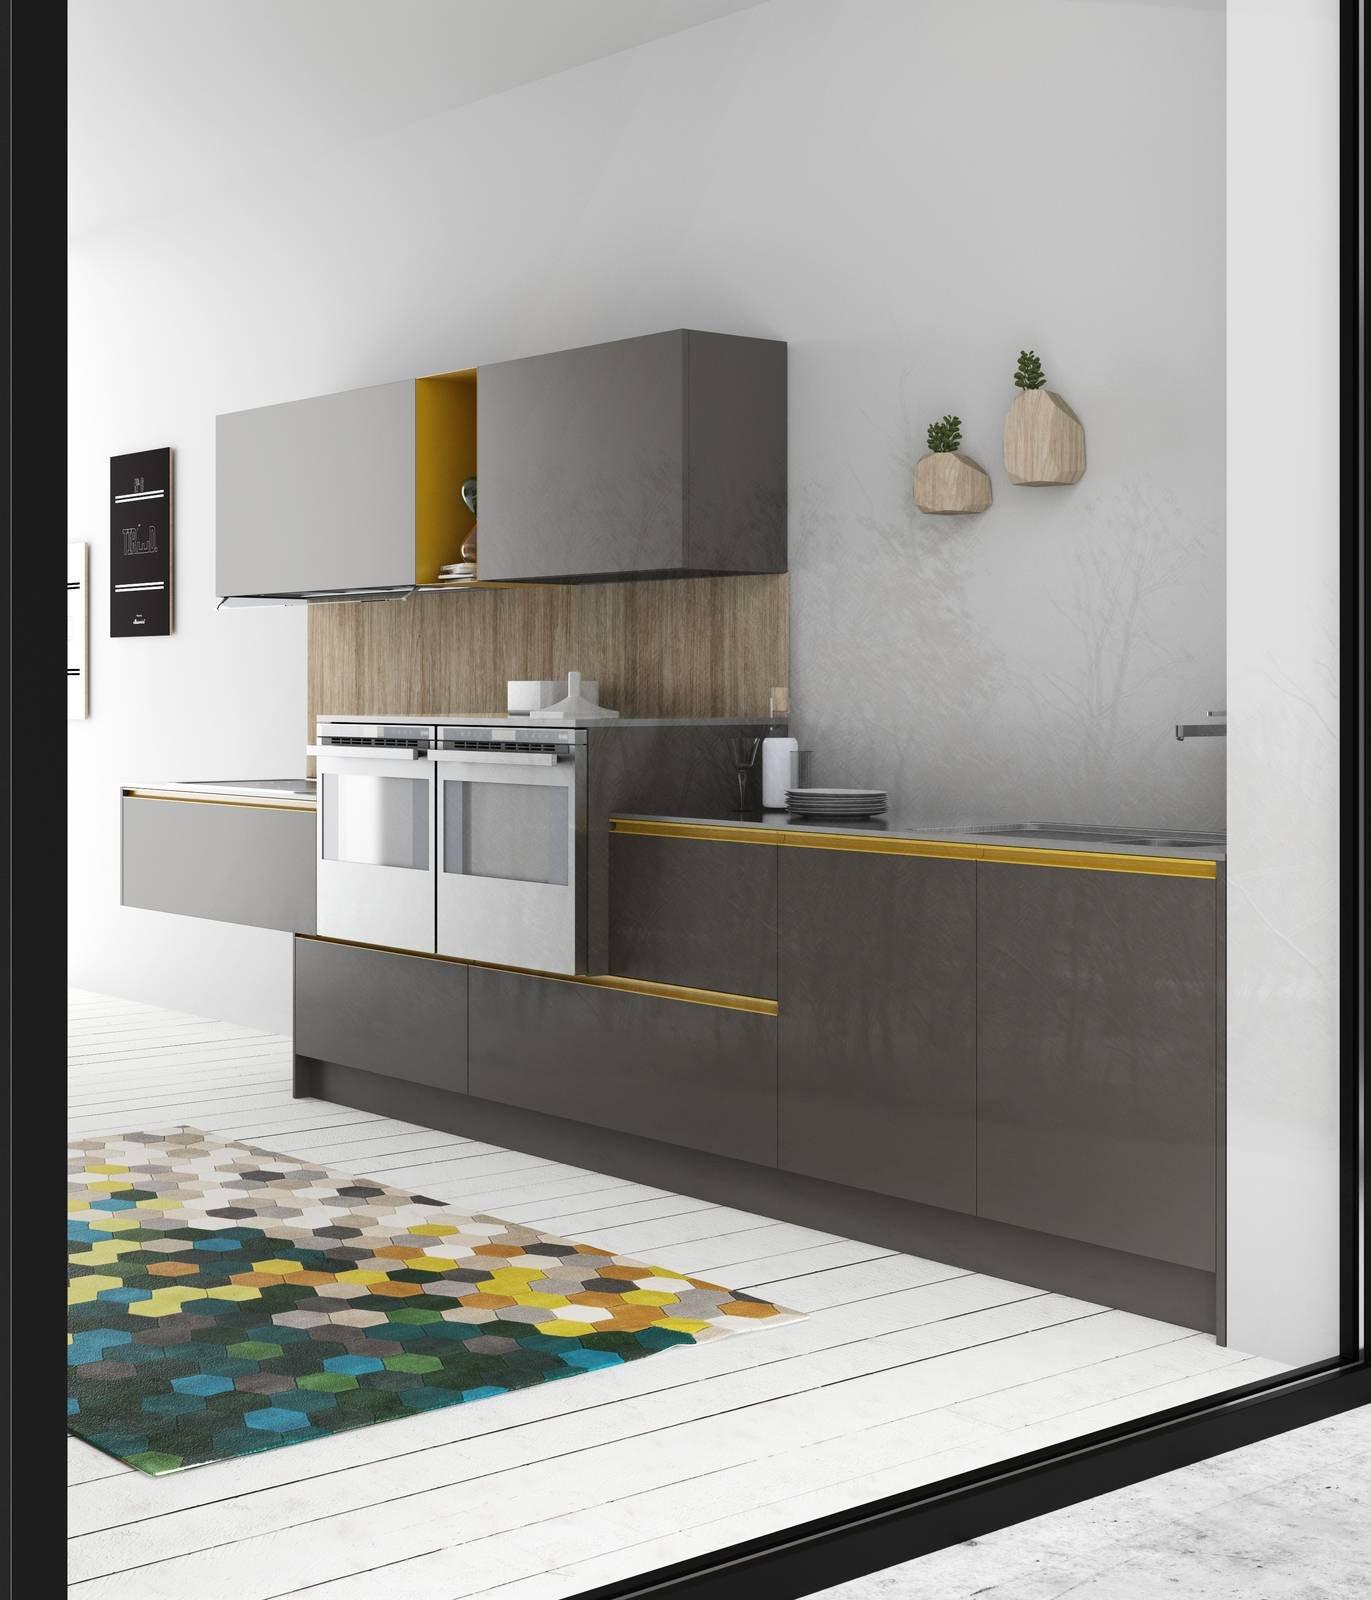 Il modello pi venduto di cucina ecco la risposta dei principali produttori cose di casa - Cucine da 10000 euro ...